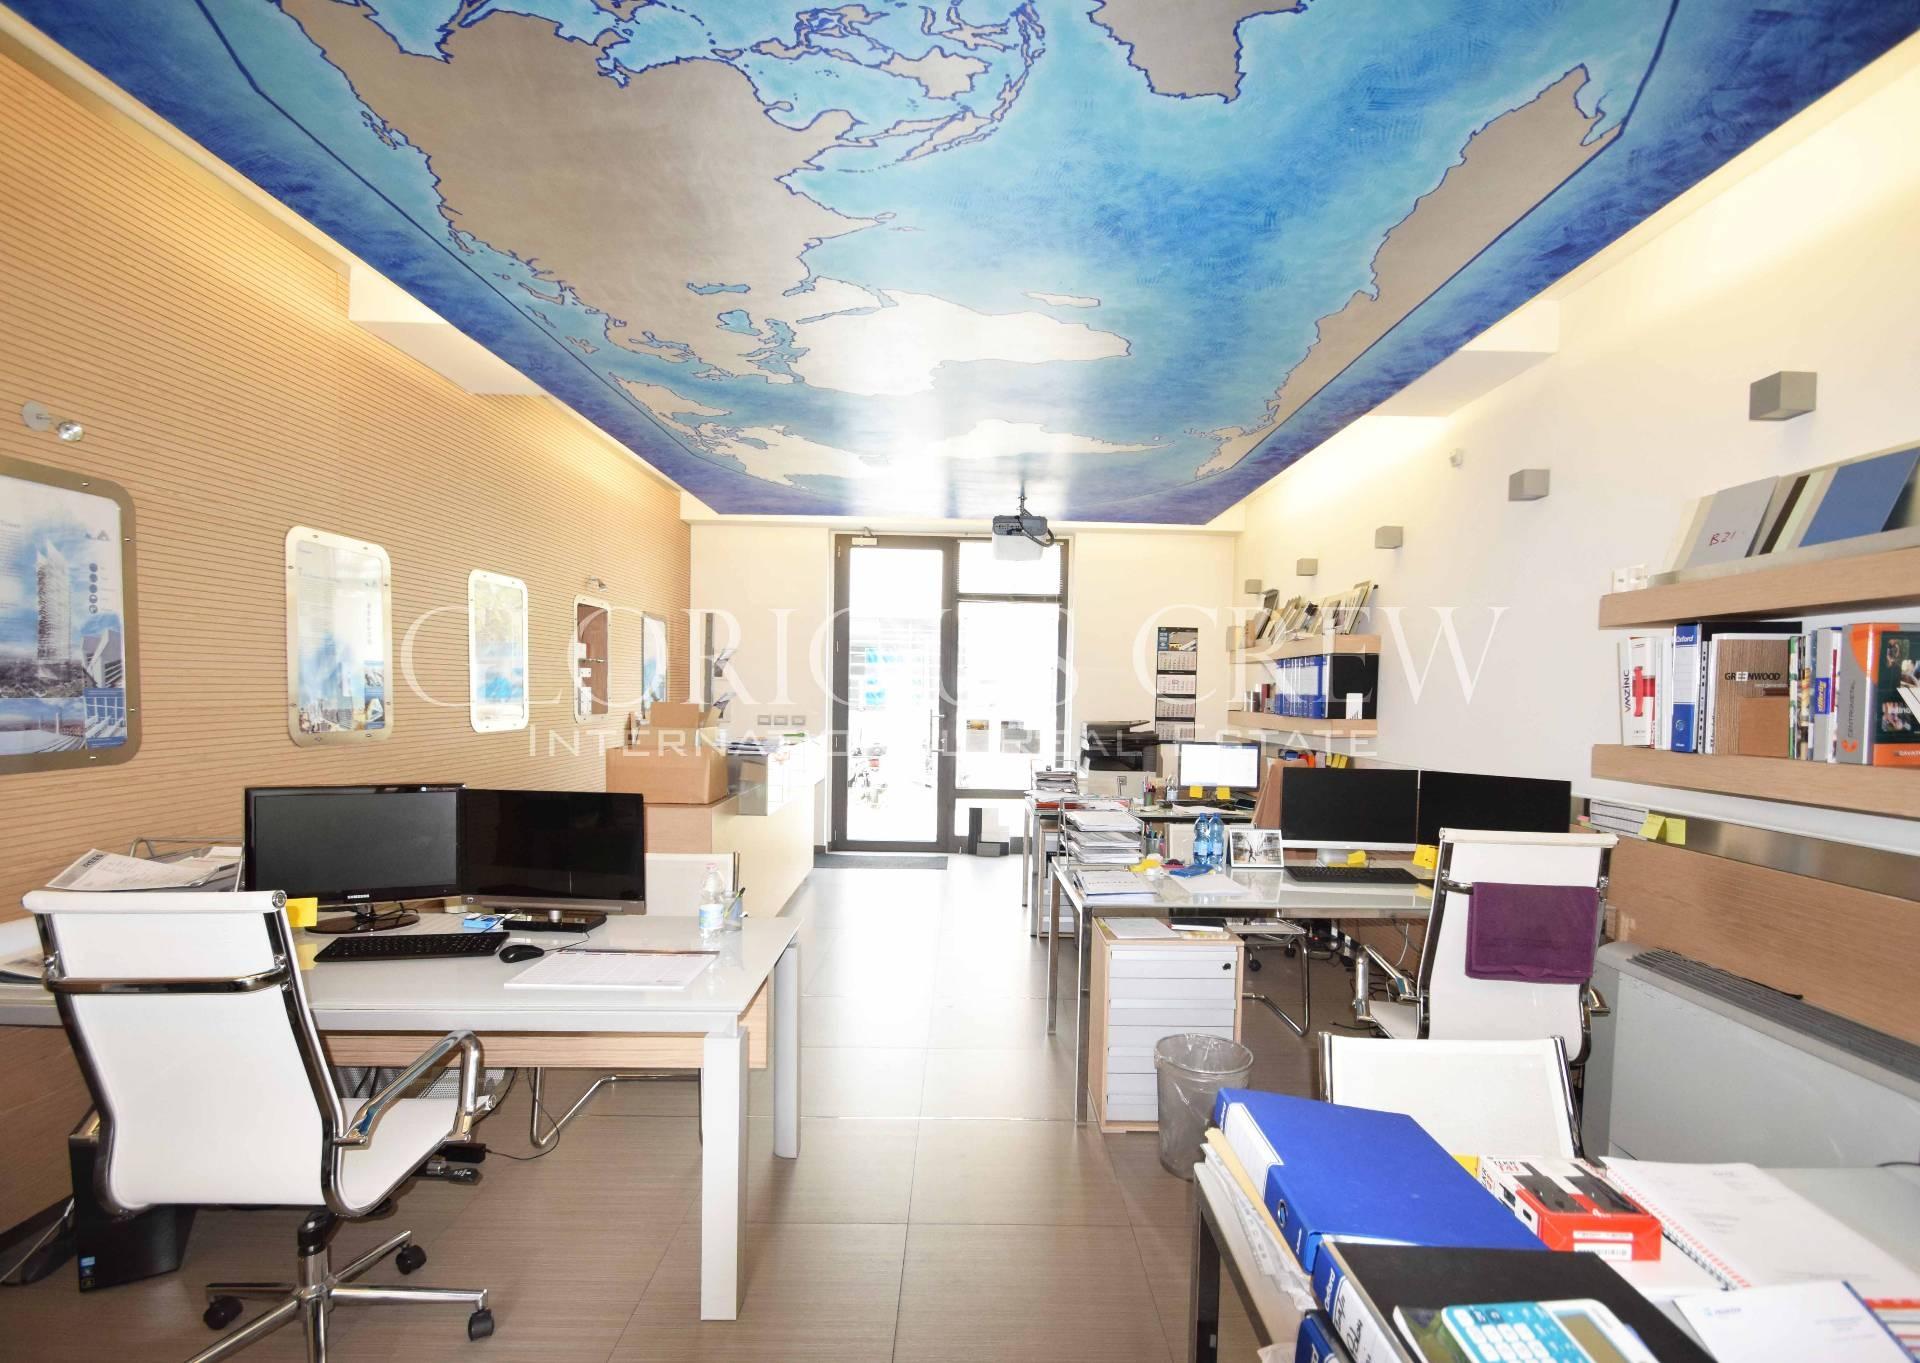 vendita ufficio milano p.ta genova  290000 euro  90 mq